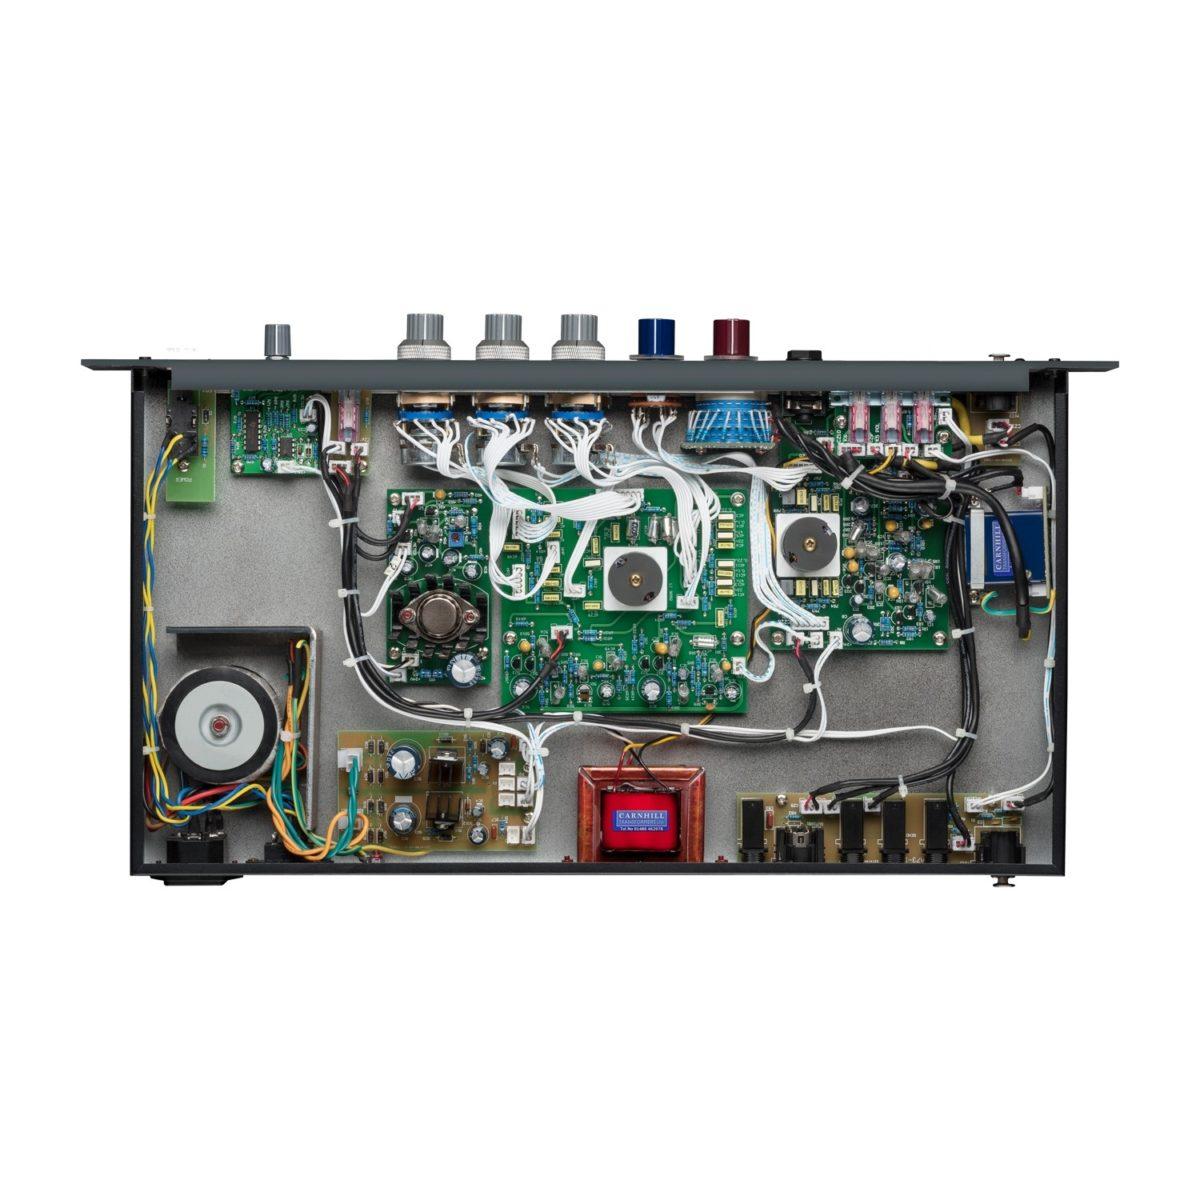 ปรีไมค์พร้อมอีควอไลเซอร์ ยี่ห้อ Warm Audio รุ่น WA73-EQ